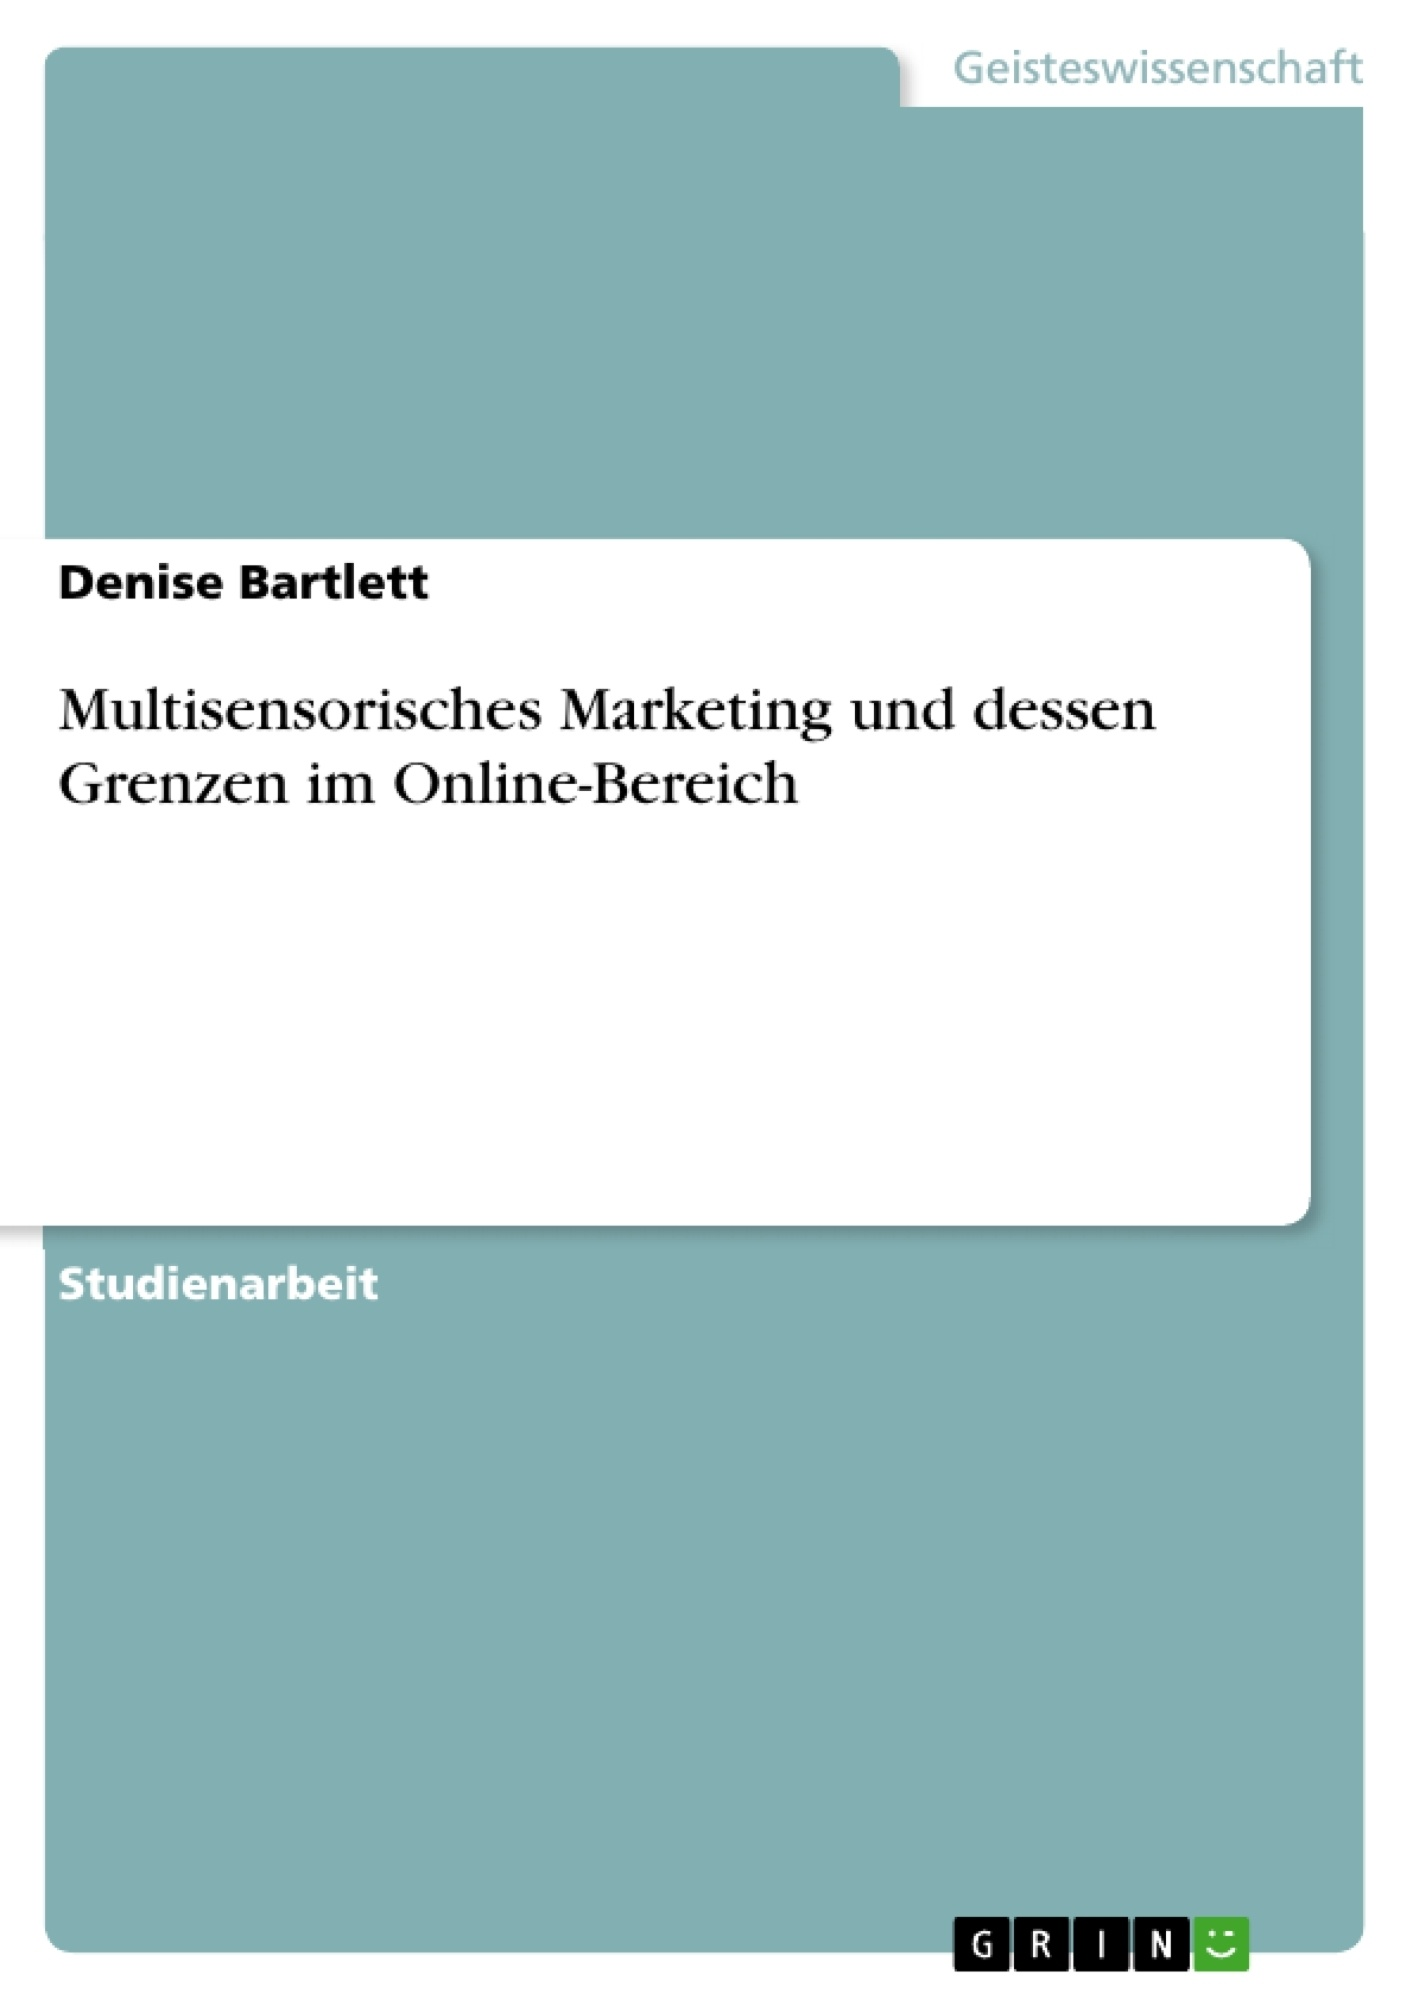 Titel: Multisensorisches Marketing und dessen Grenzen im Online-Bereich